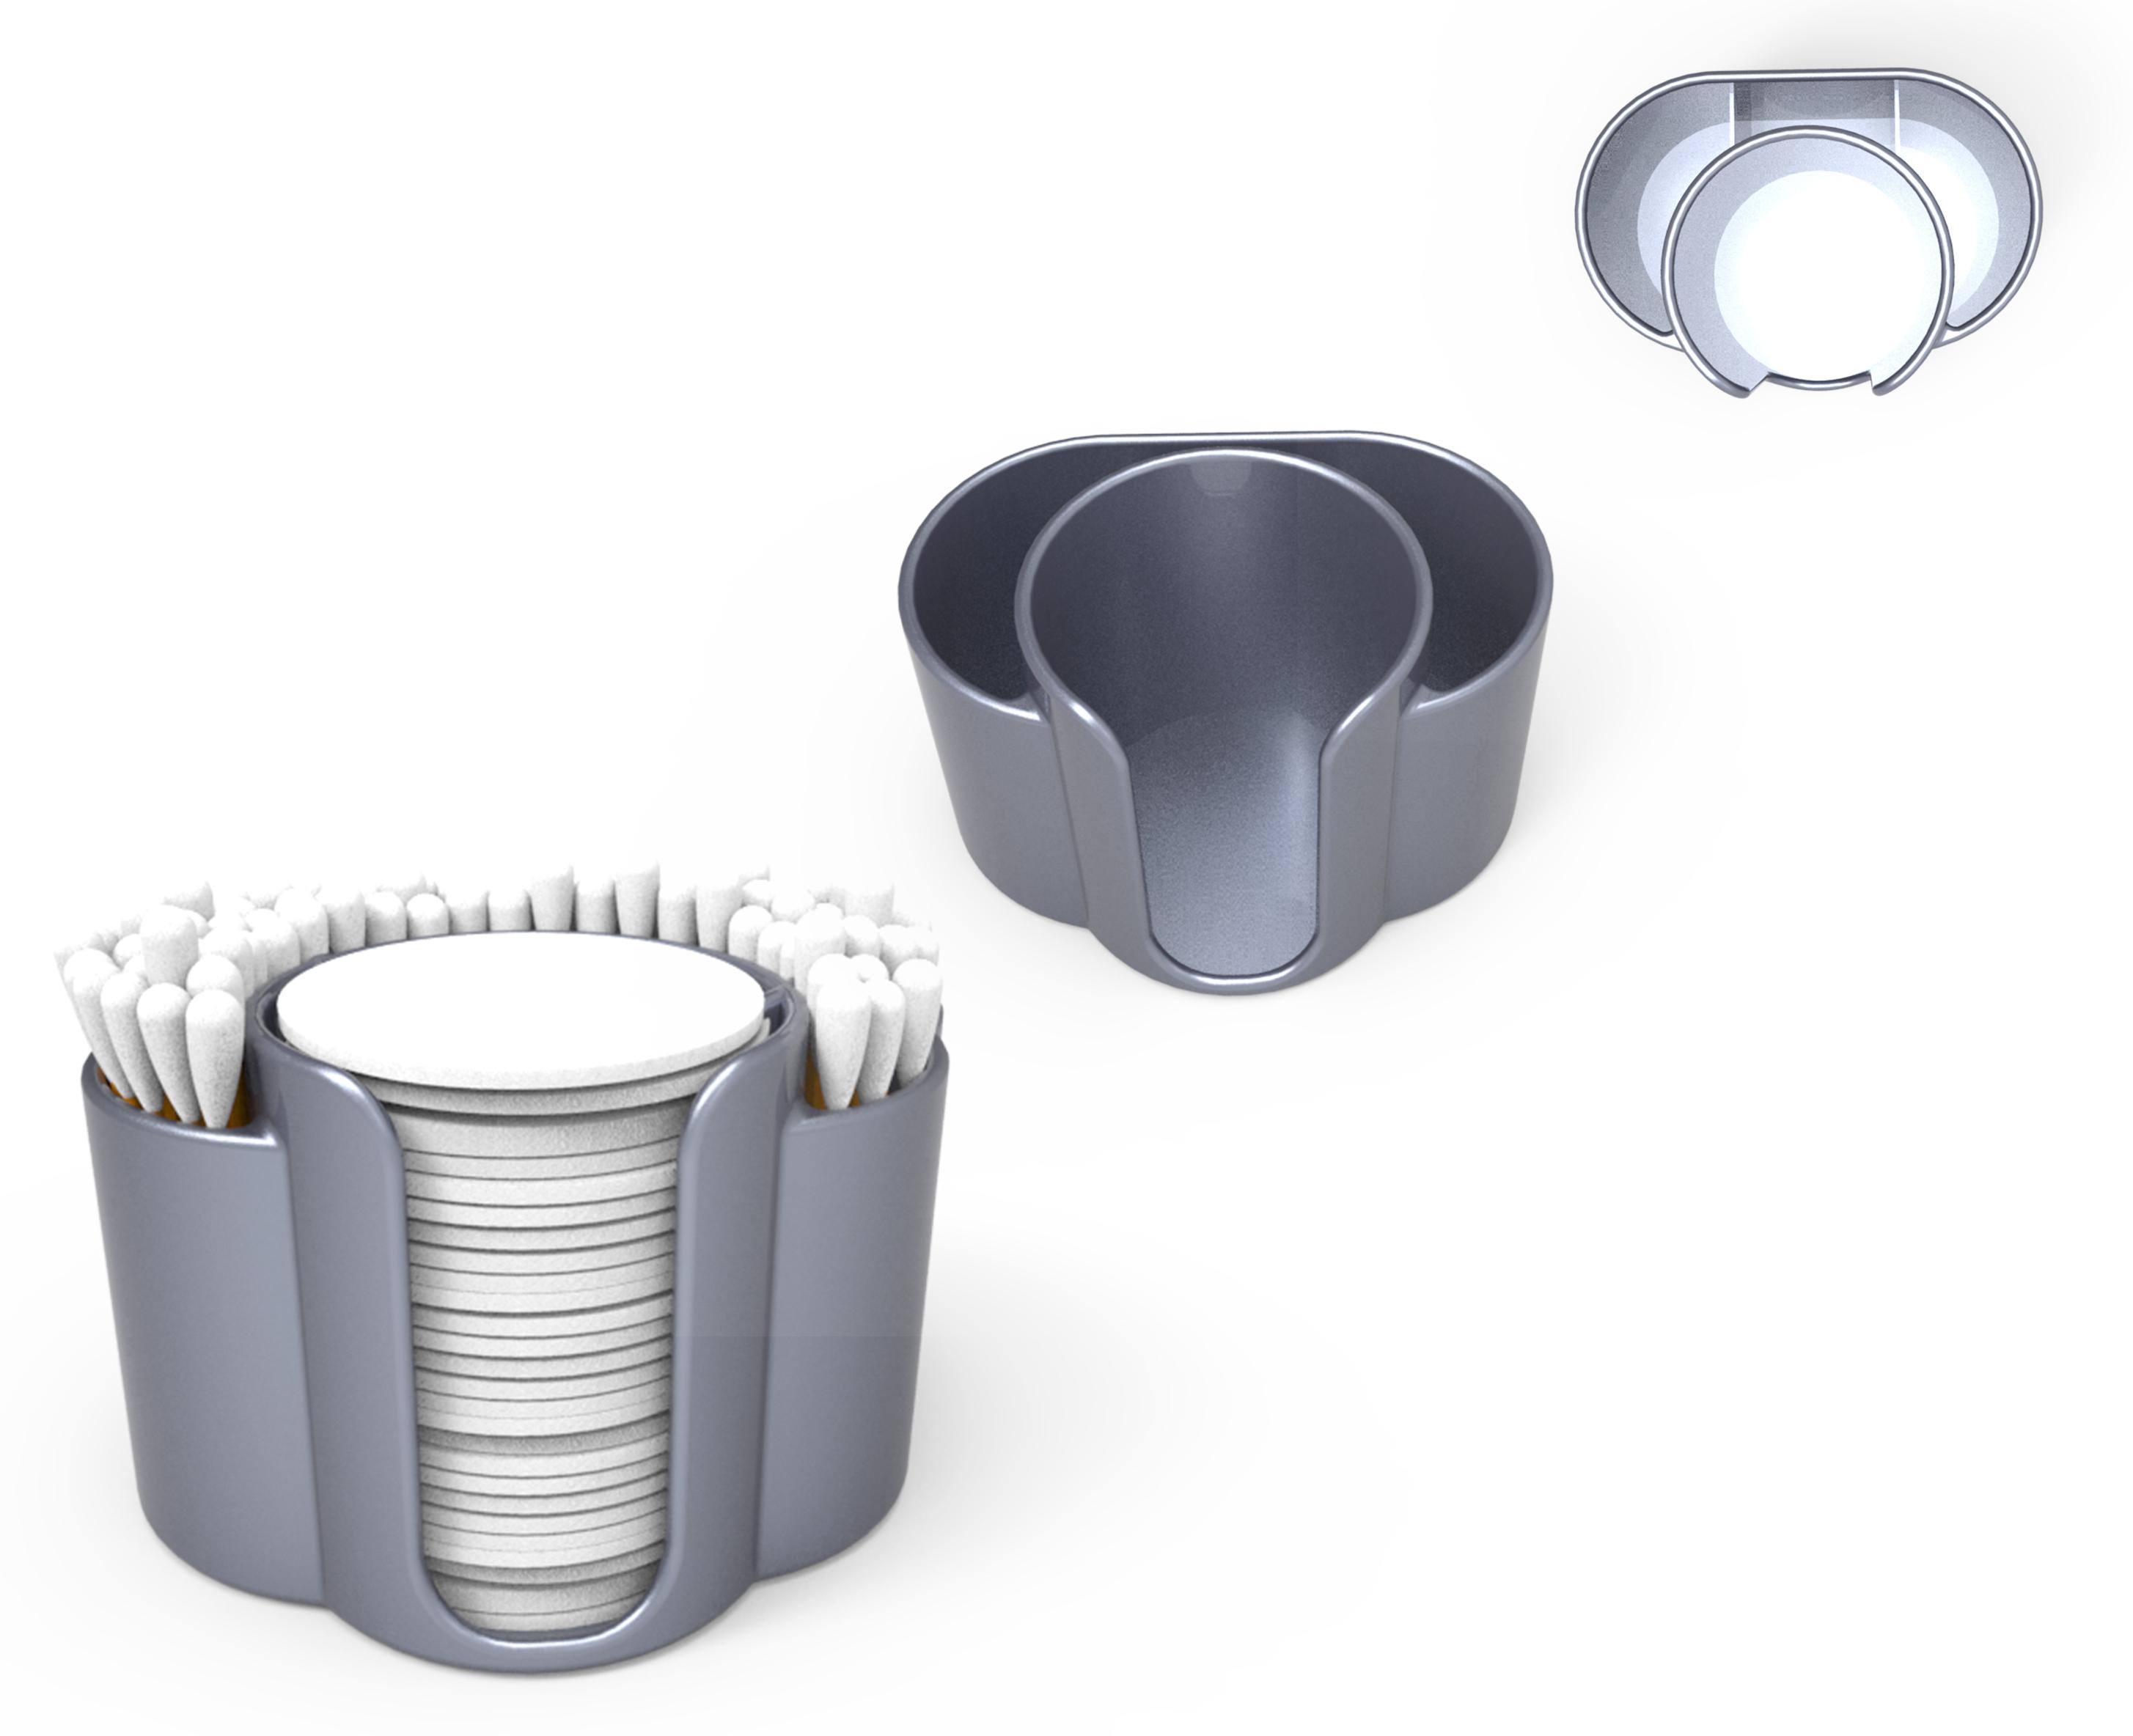 34.jpg Télécharger fichier STL gratuit Support pour tiges et disques de coton • Modèle imprimable en 3D, Ruvimkub